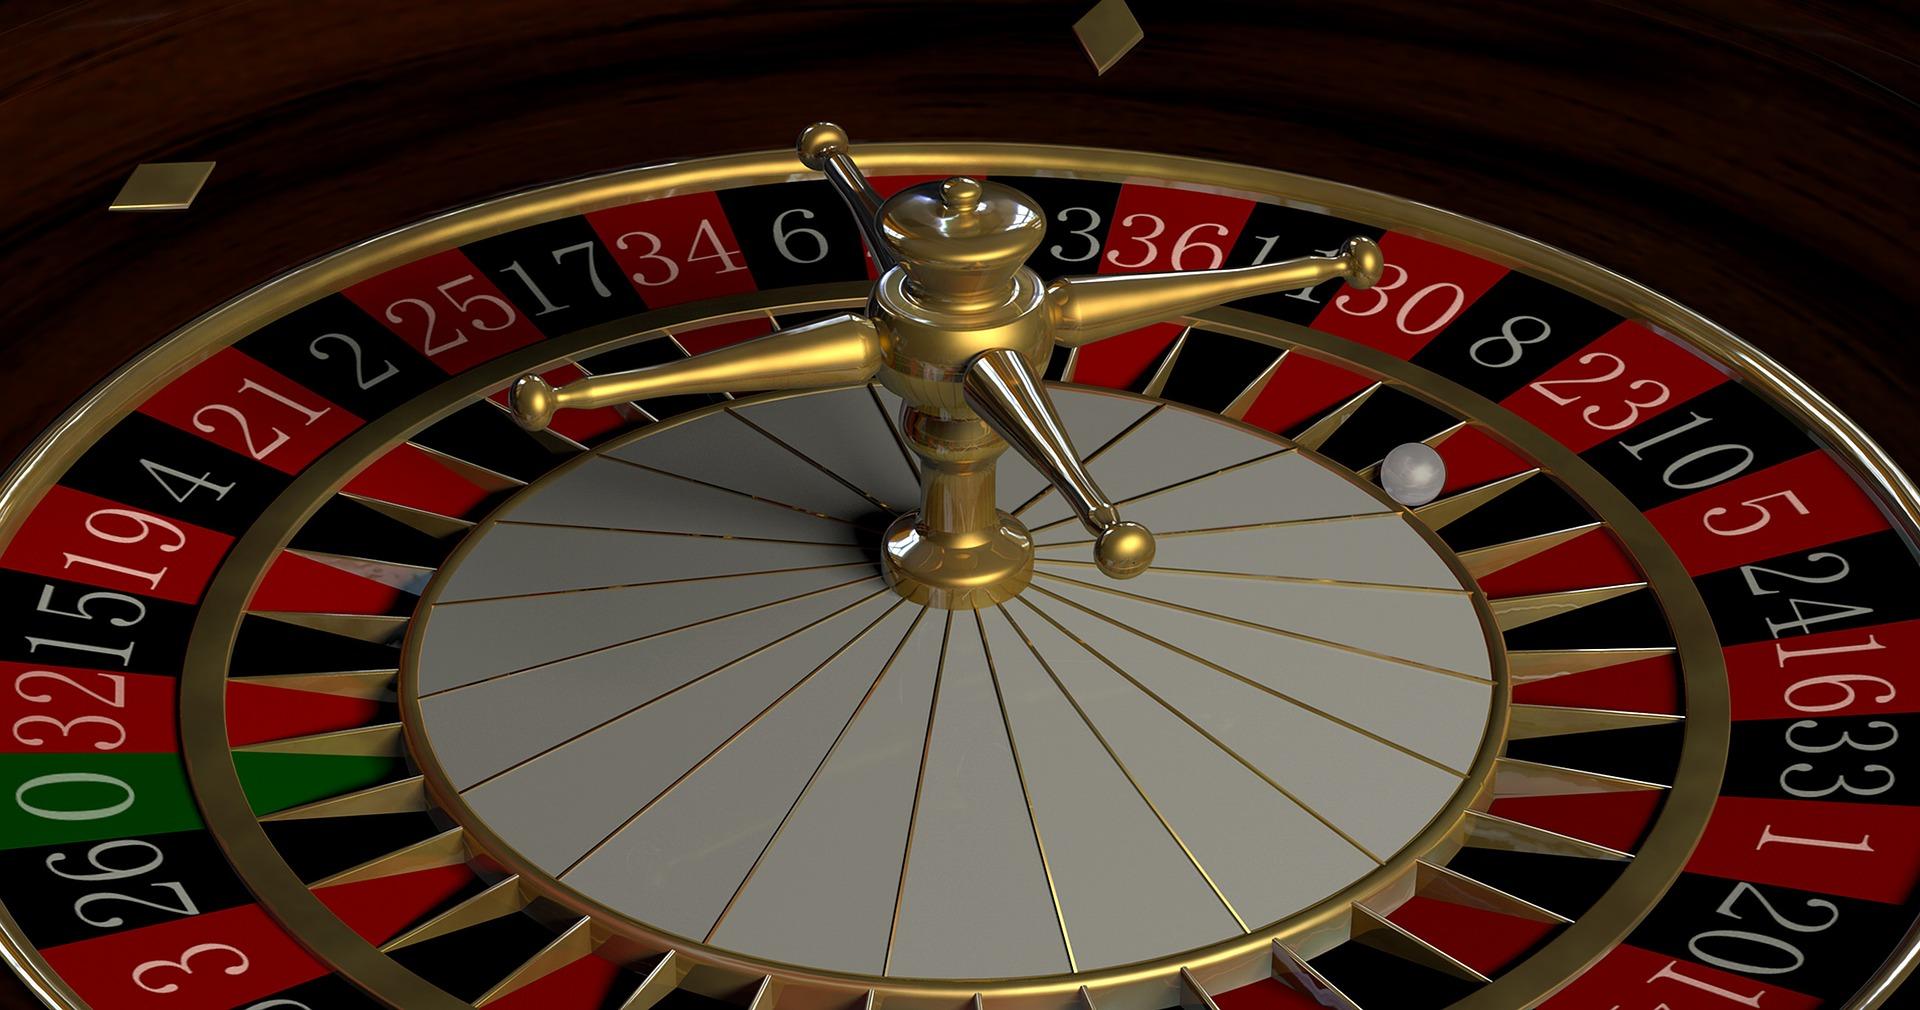 Kein Roulette Spiel, wenn es um Ihr Geld geht gambling - Maria Amato Time-Job & Service GmbH